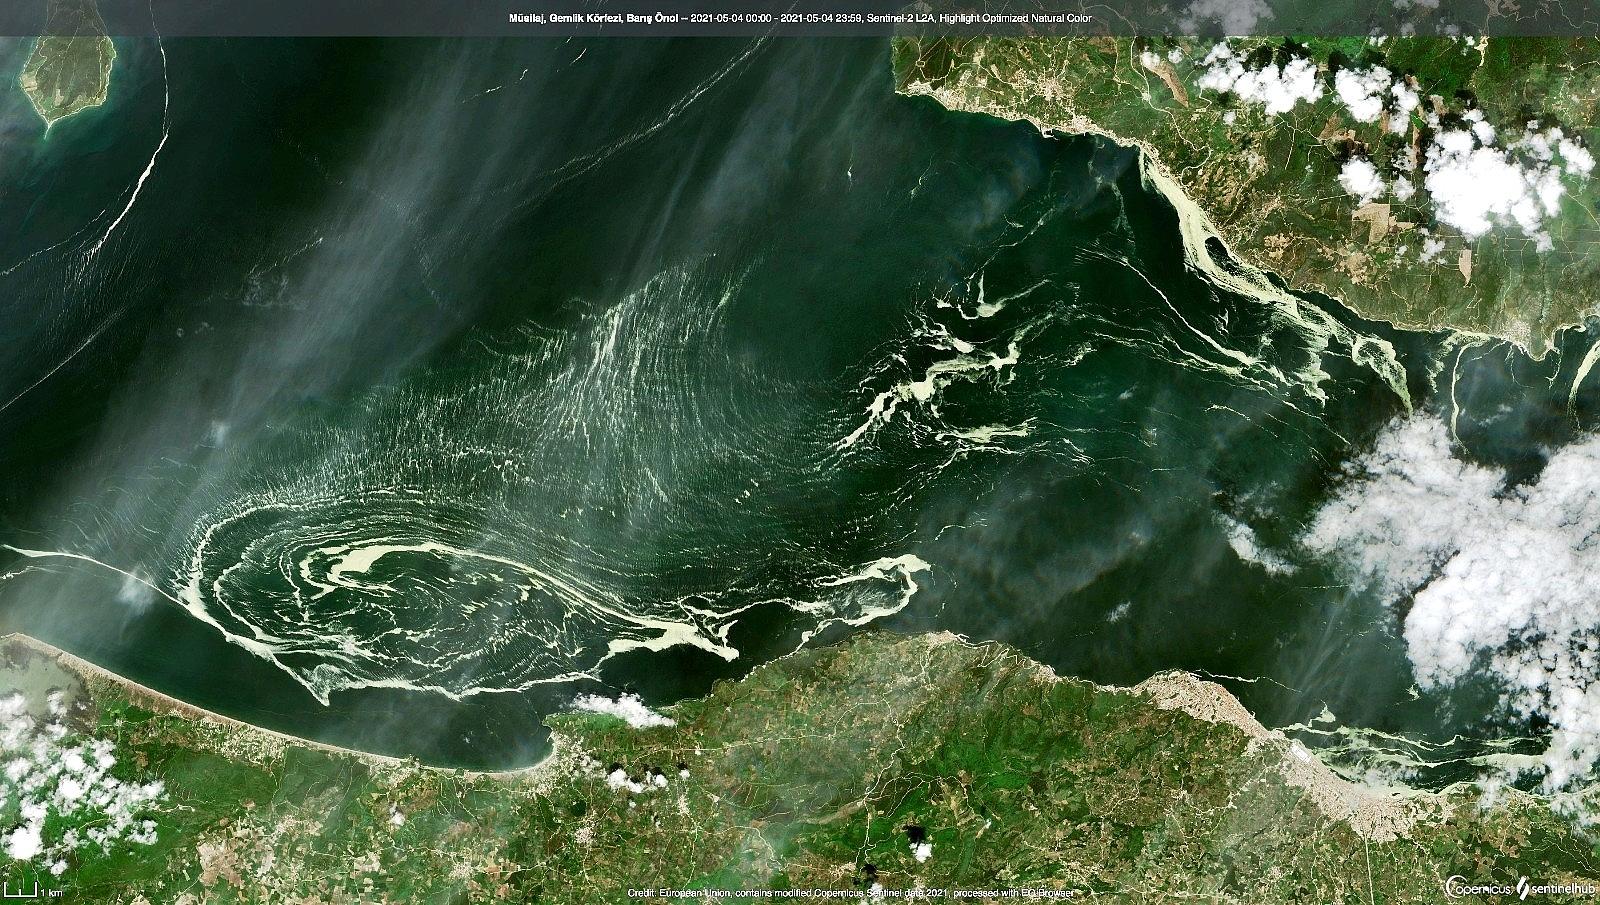 2021/05/marmara-denizini-saran-deniz-salyalari-uydudan-bile-goruldu-20210506AW31-1.jpg